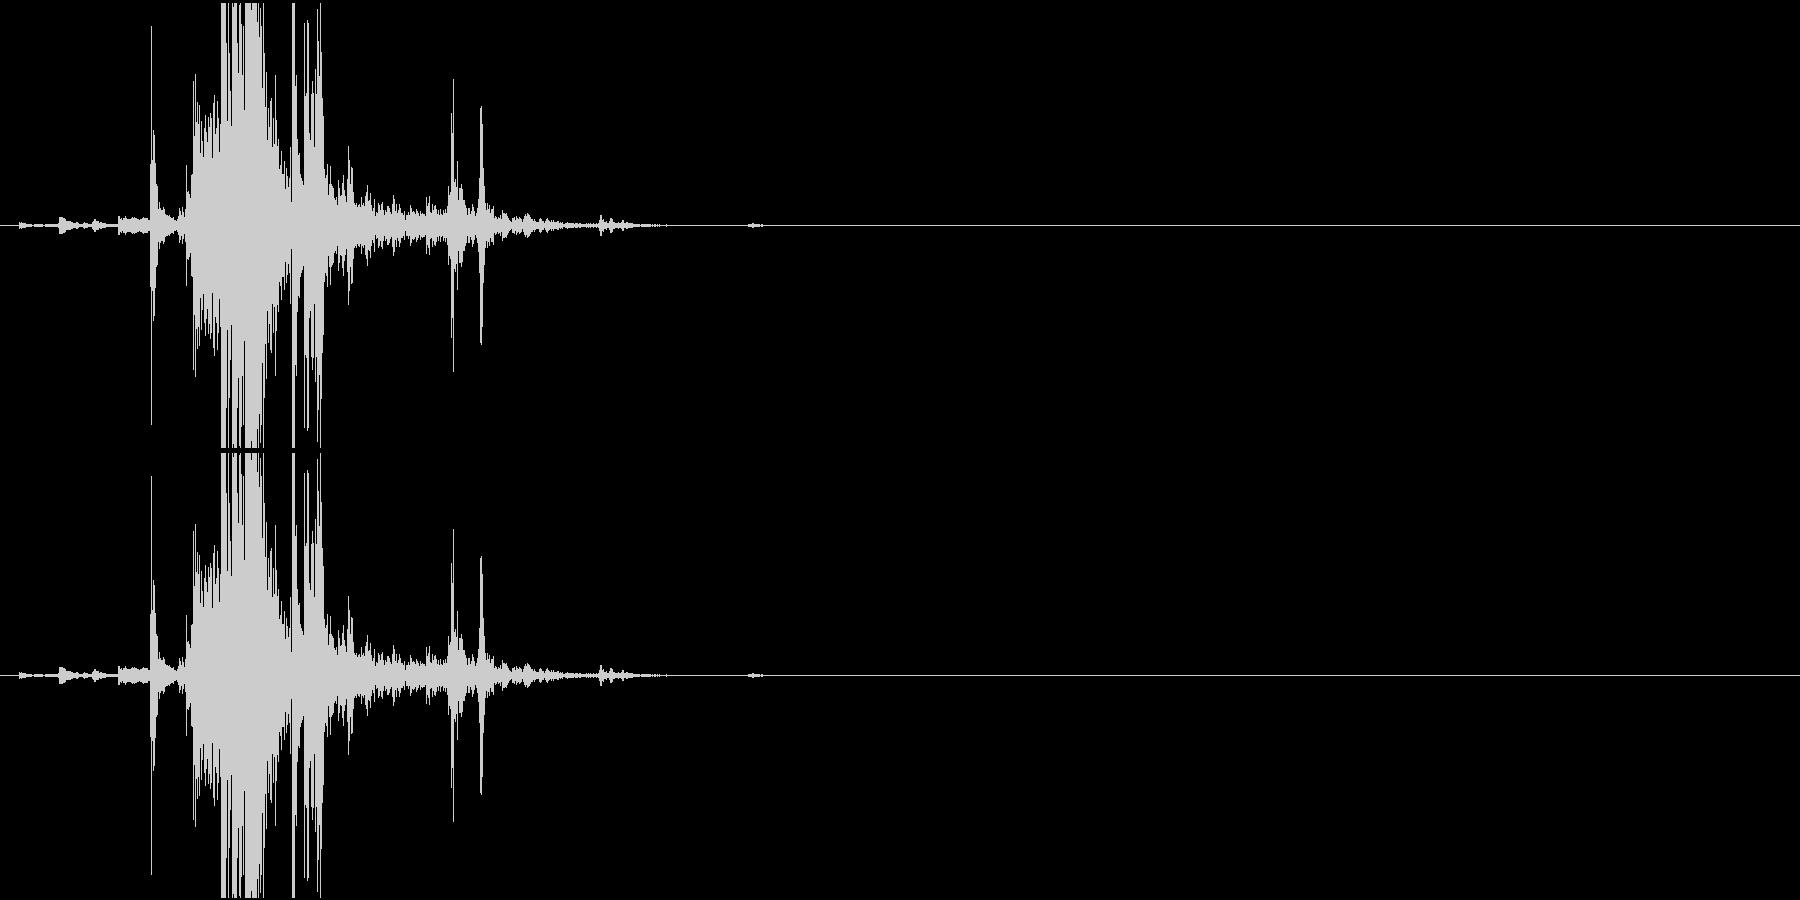 Key 鍵(キーホルダーごと)を置く音の未再生の波形